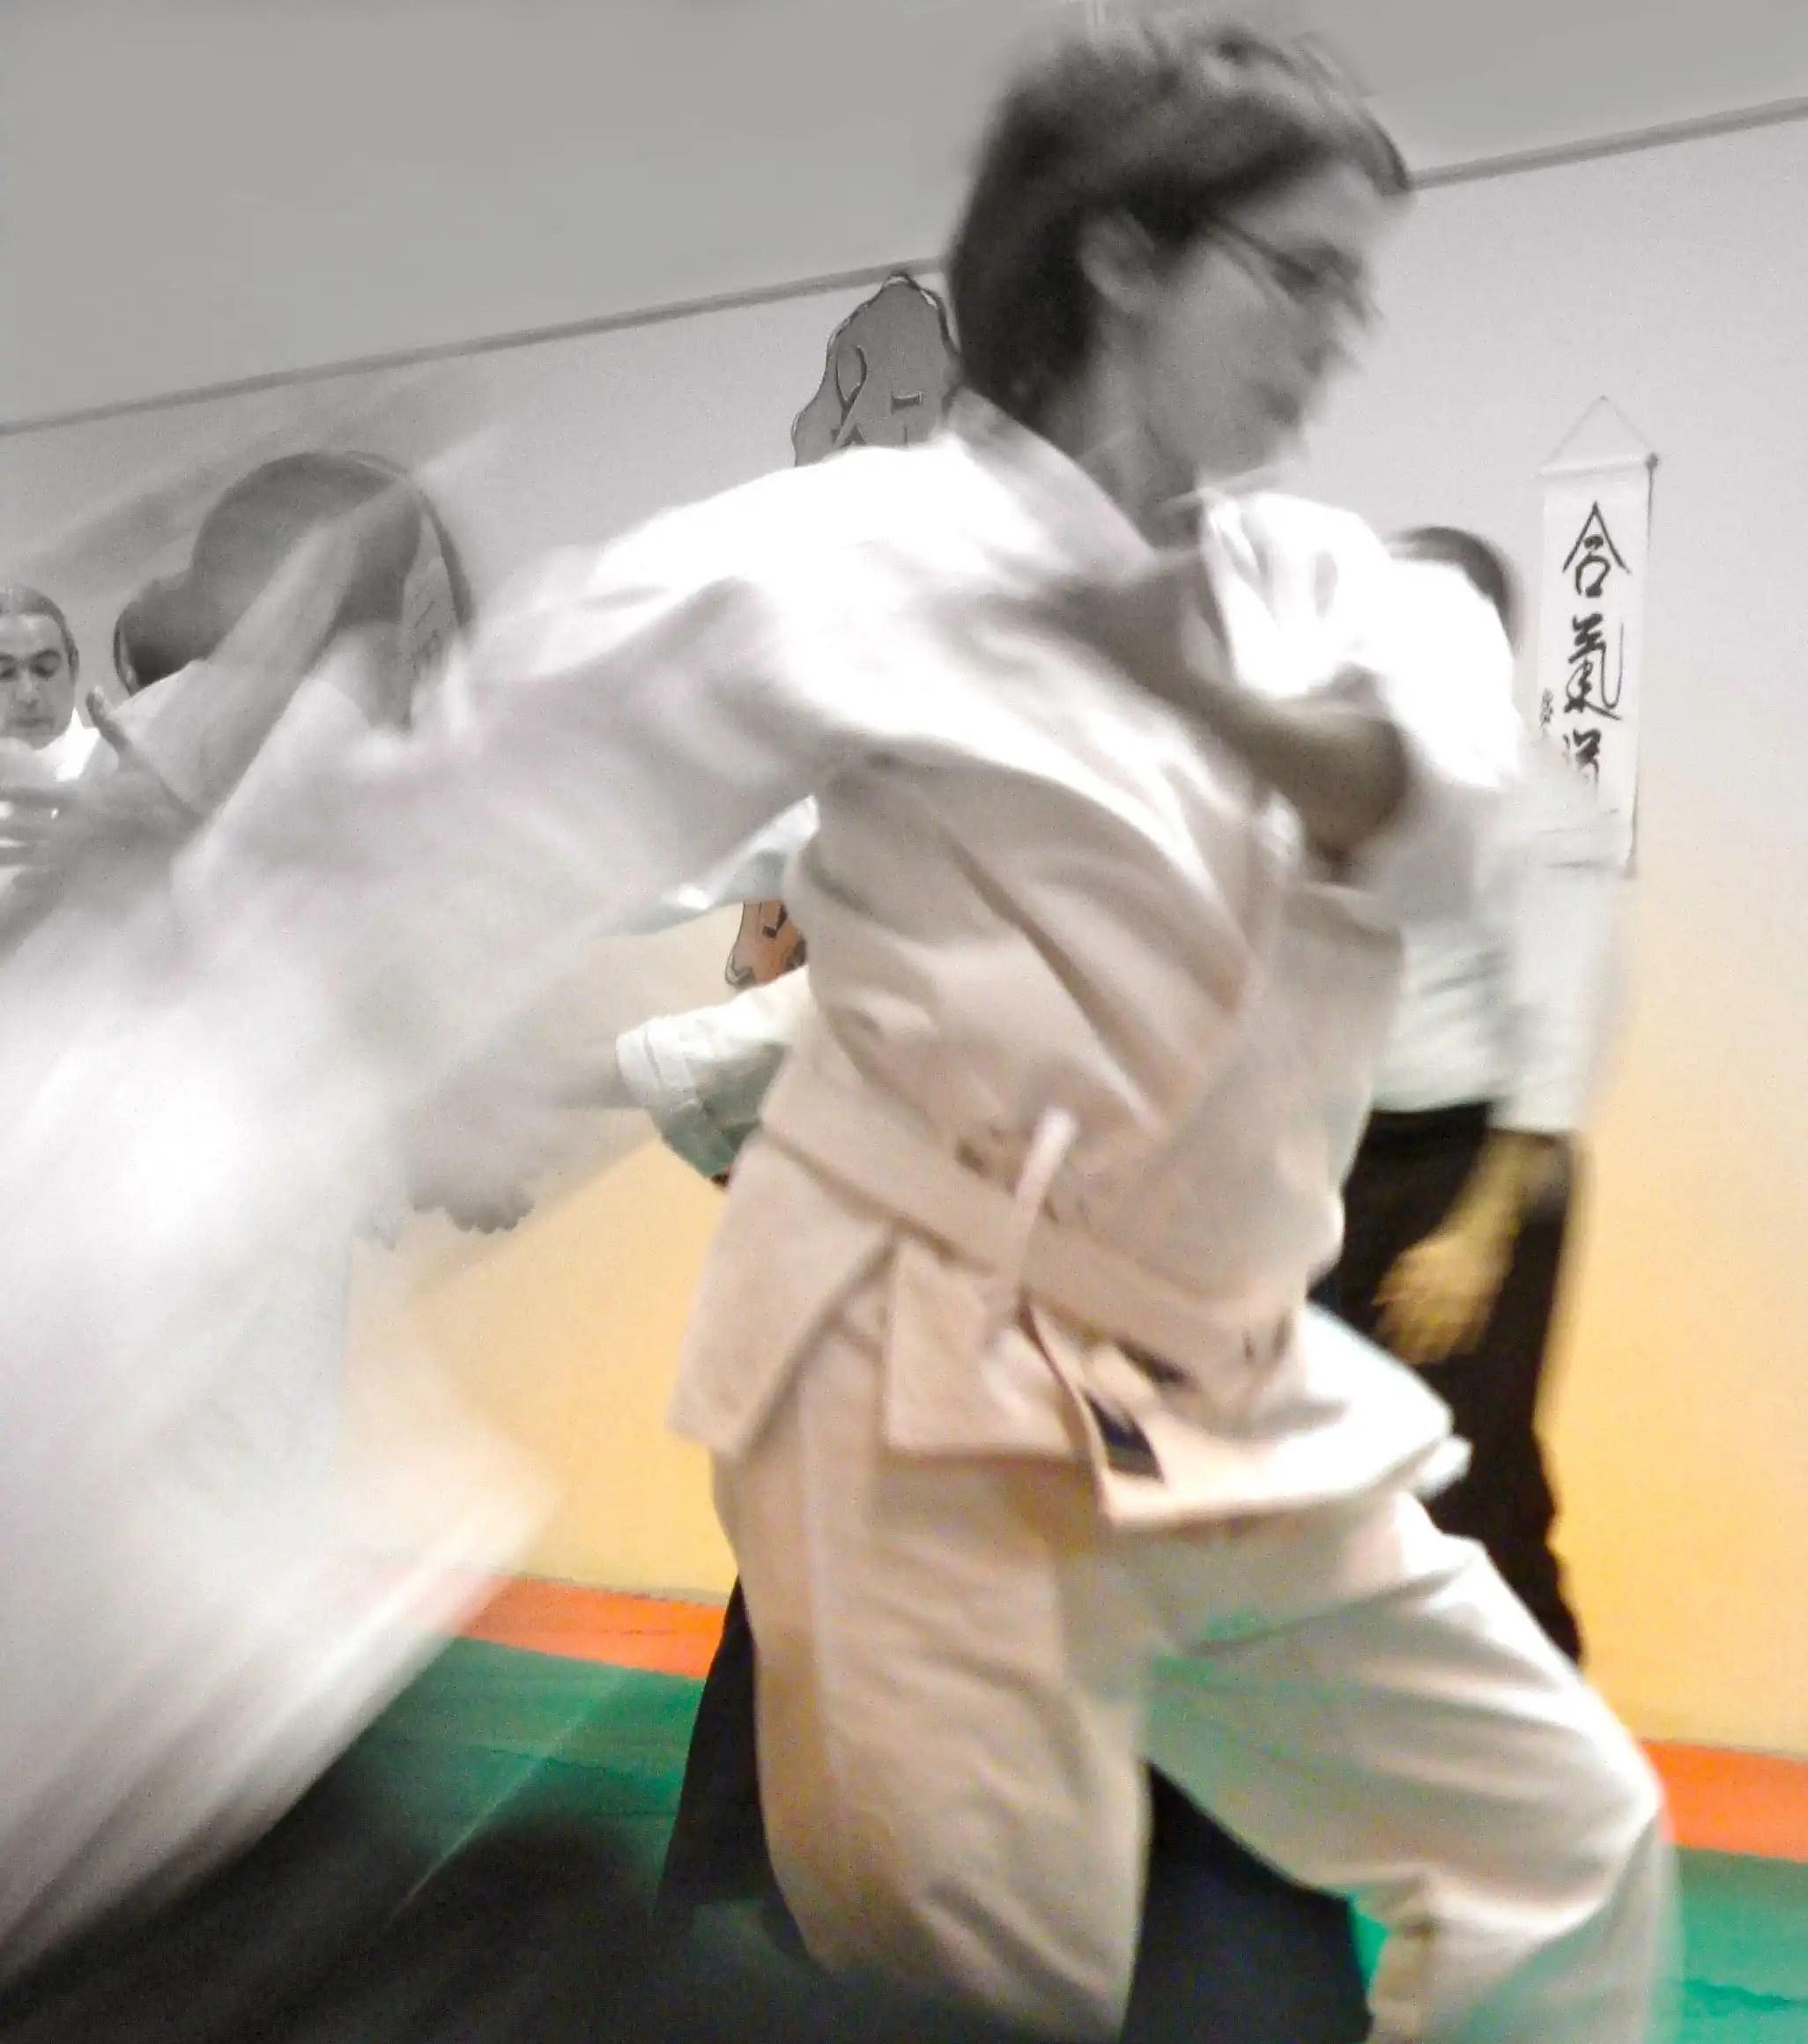 Aikido e maternità, Il bello dell'Aikido, Aiki No Kokoro Boves, cuola di Aikido Cuneo